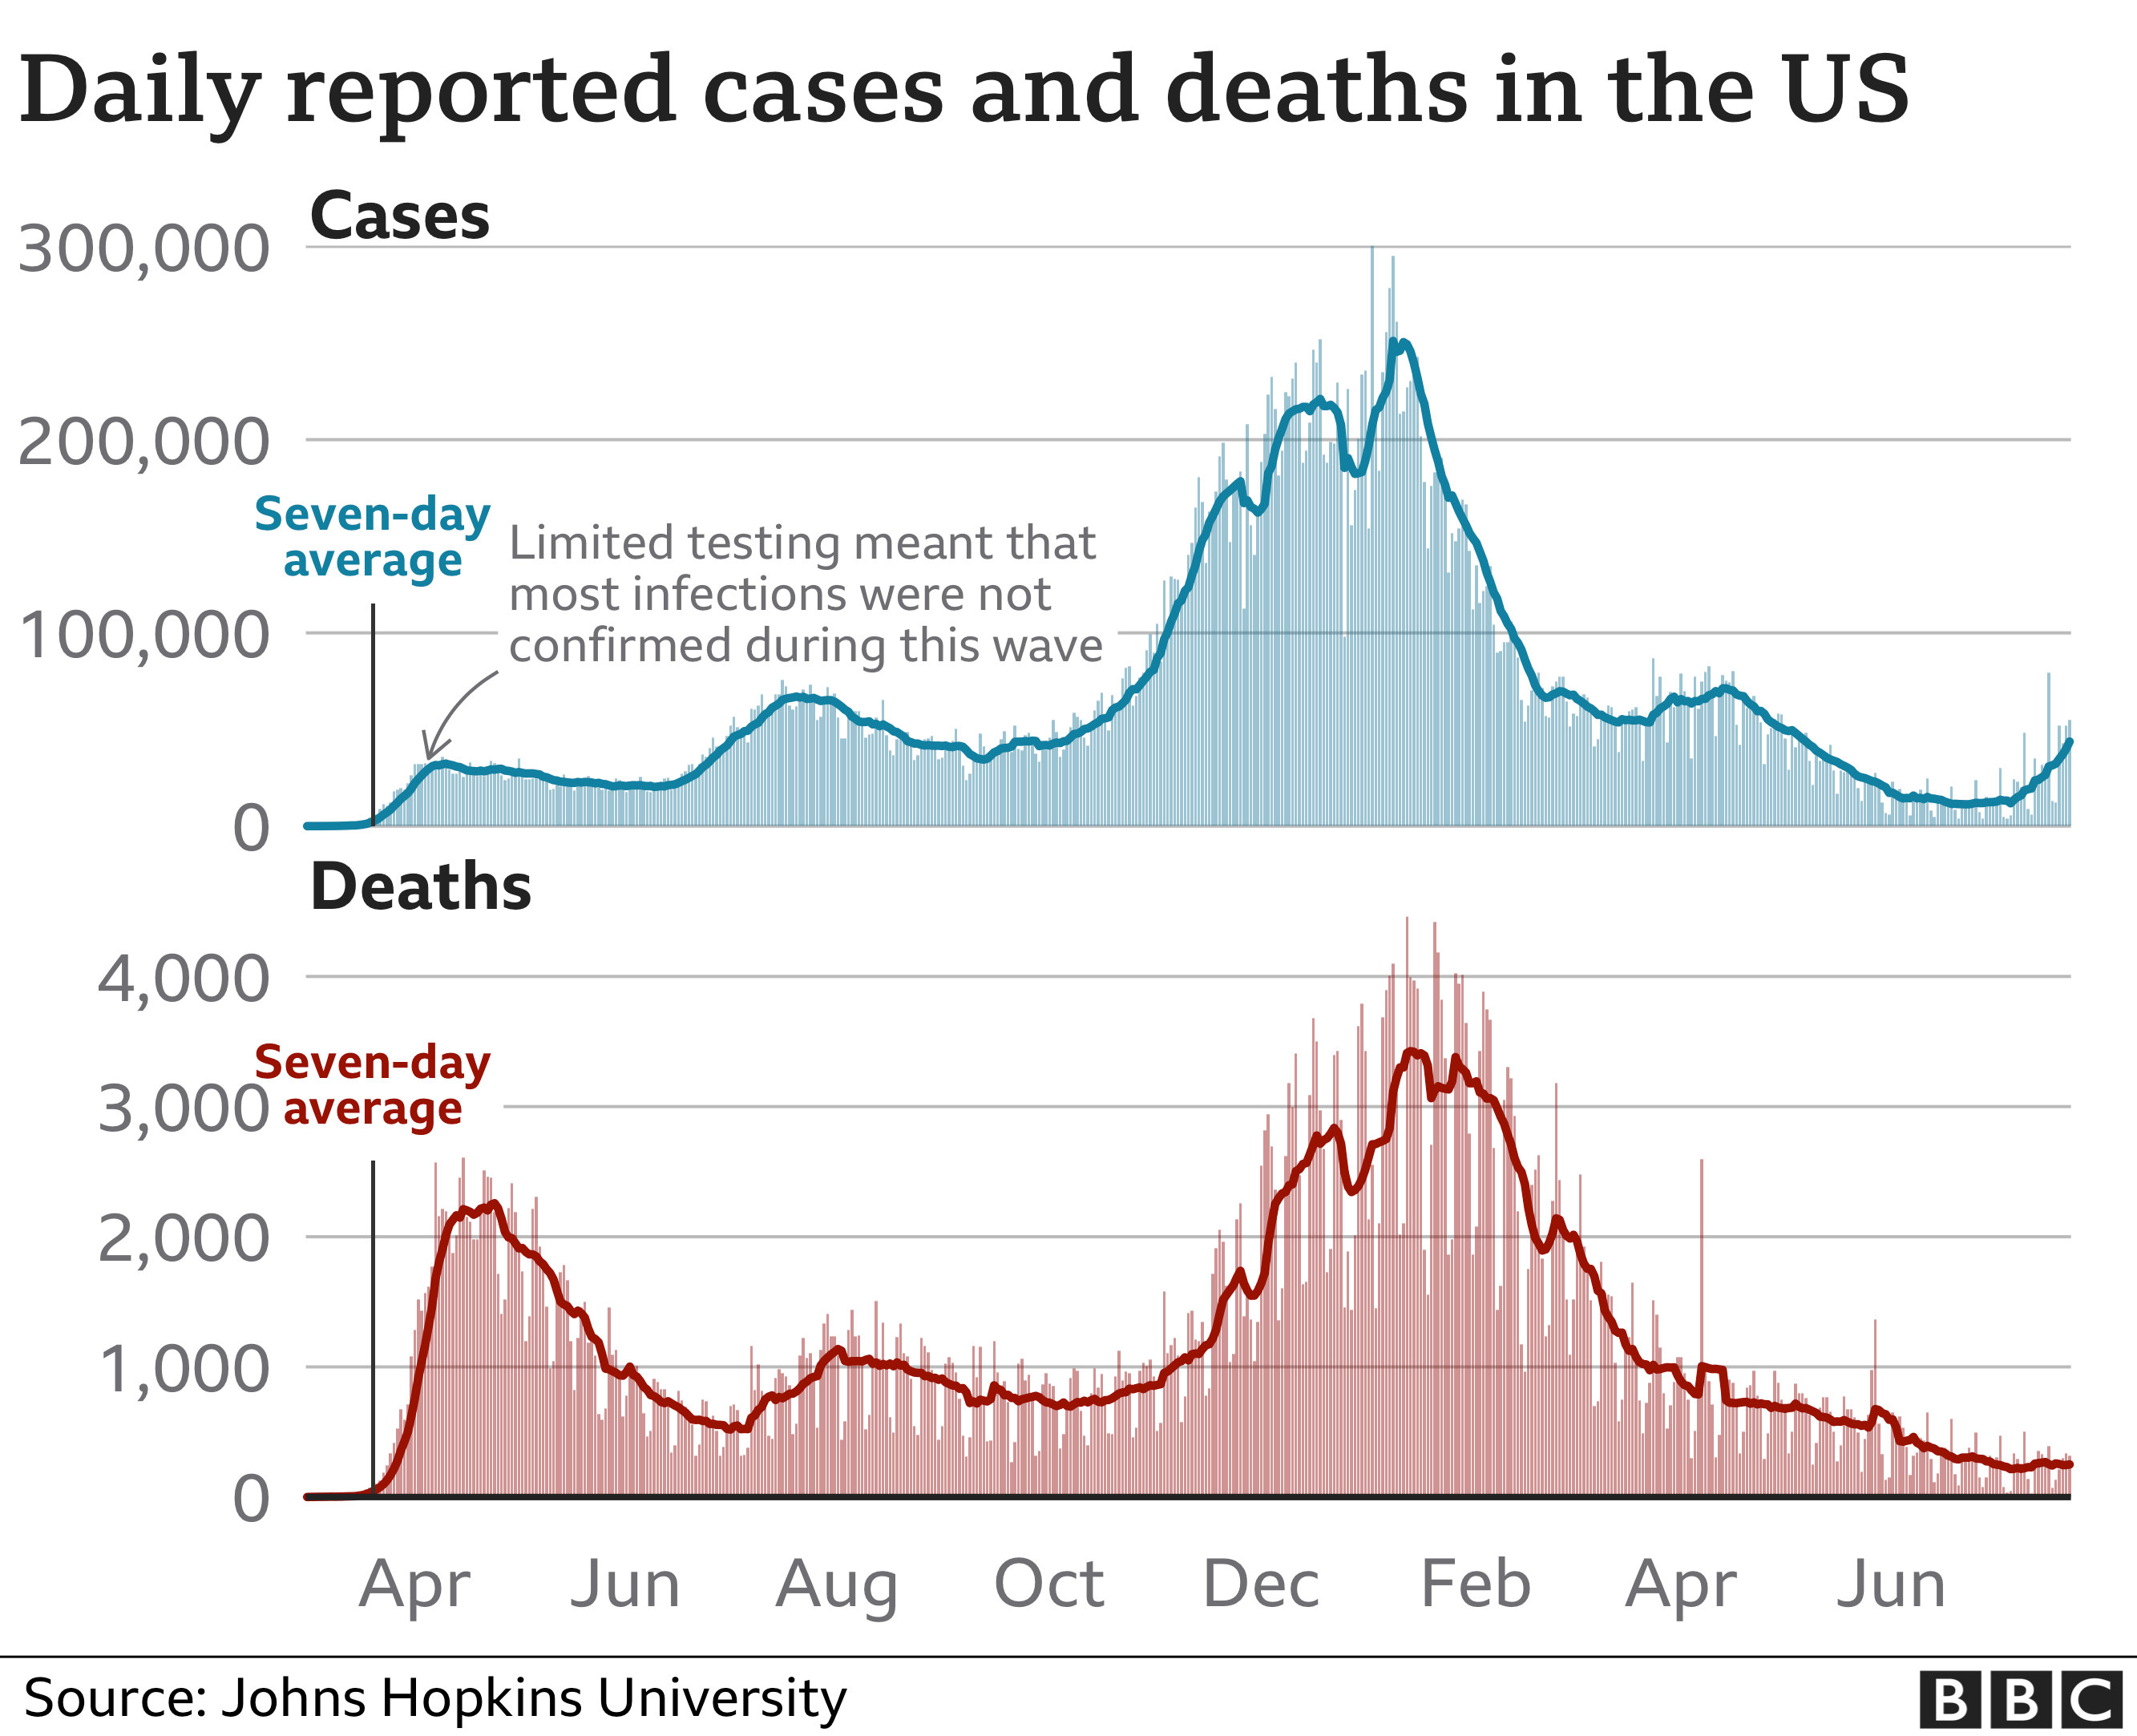 Biểu đồ cho thấy các trường hợp nhiễm và tử vong ở Hoa Kỳ kể từ khi bắt đầu đại dịch. Cập nhật ngày 23 tháng 7